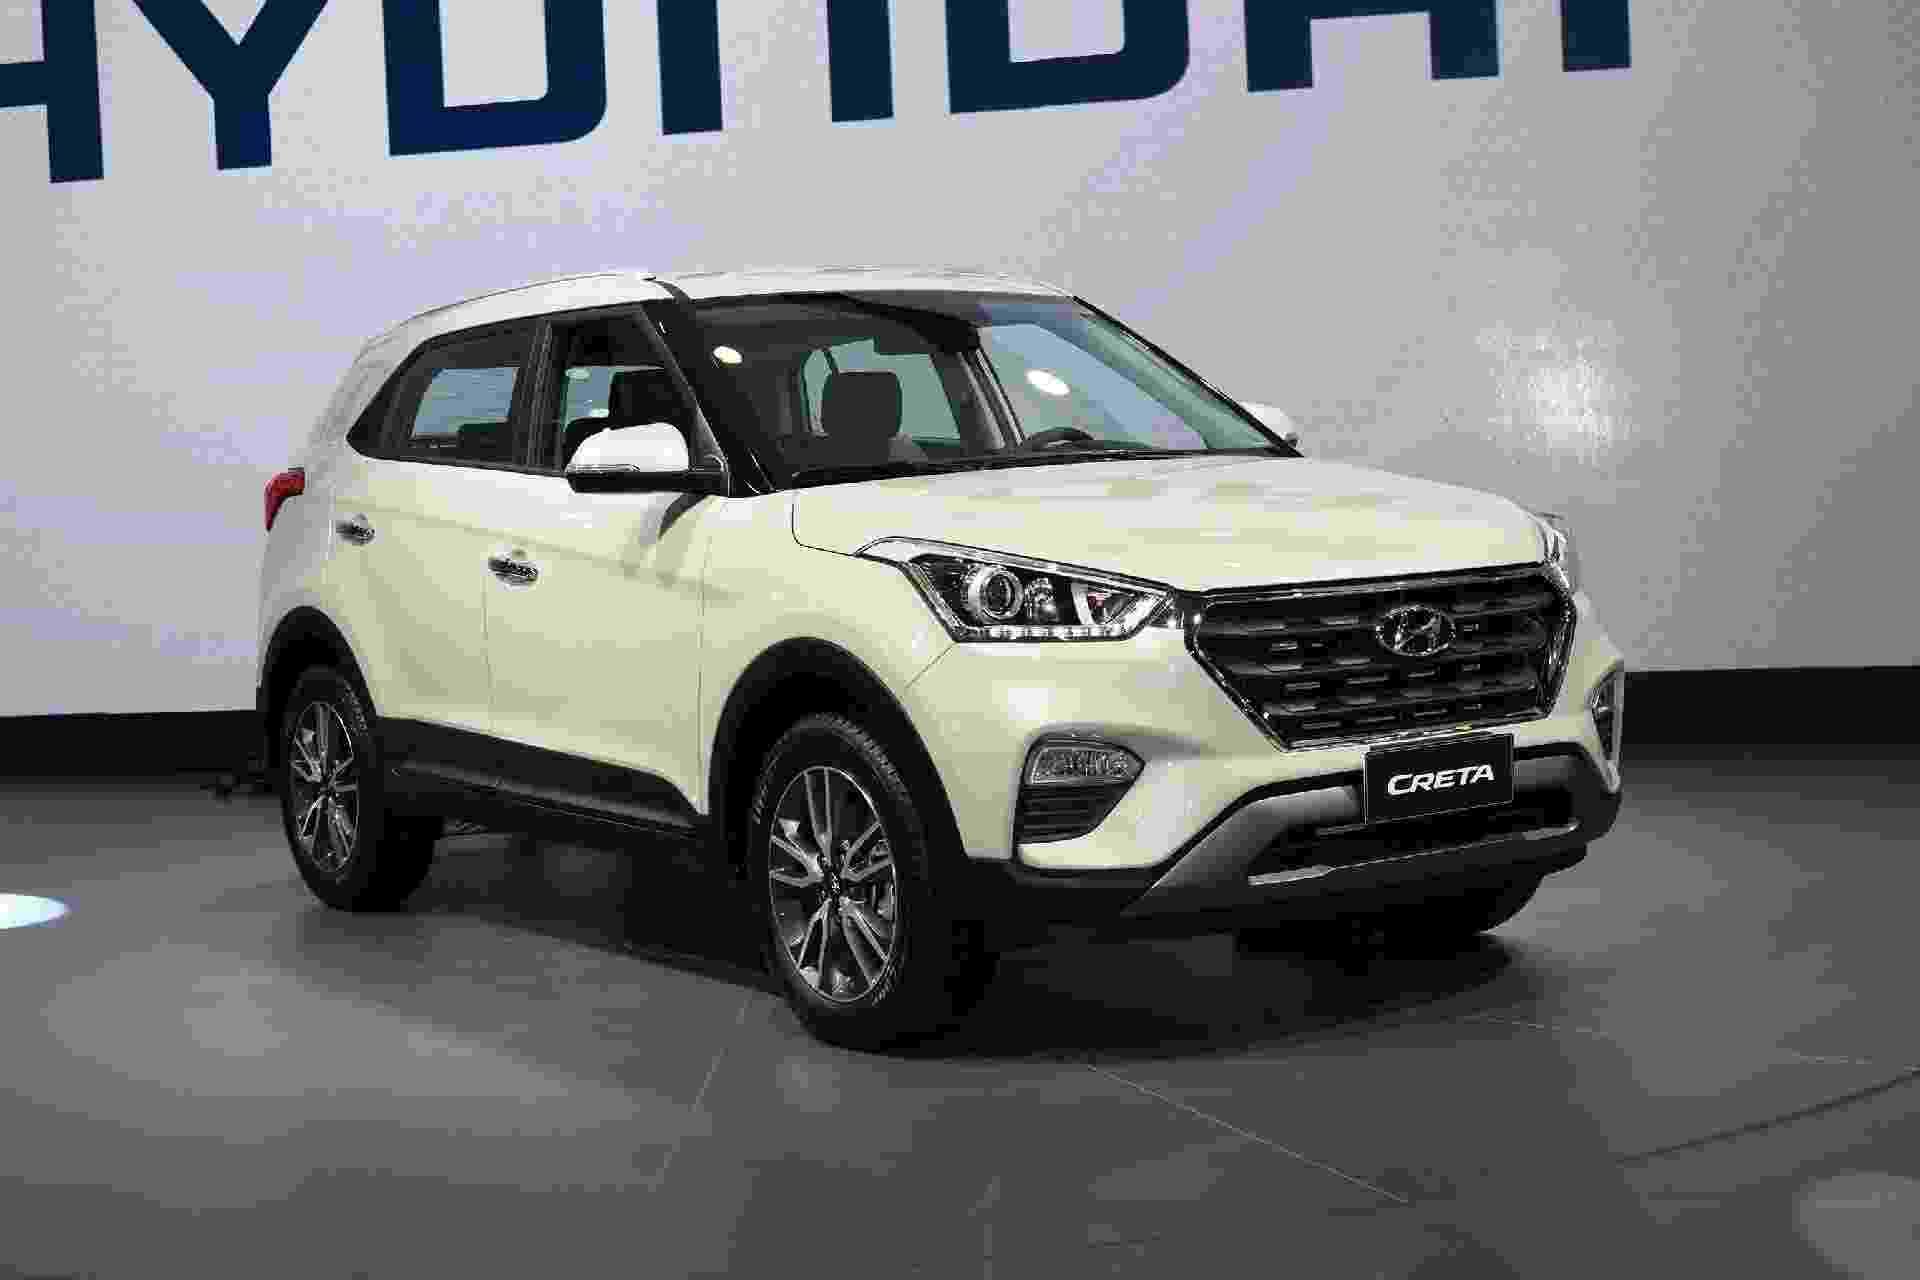 Hyundai Creta - Murilo Góes/UOL